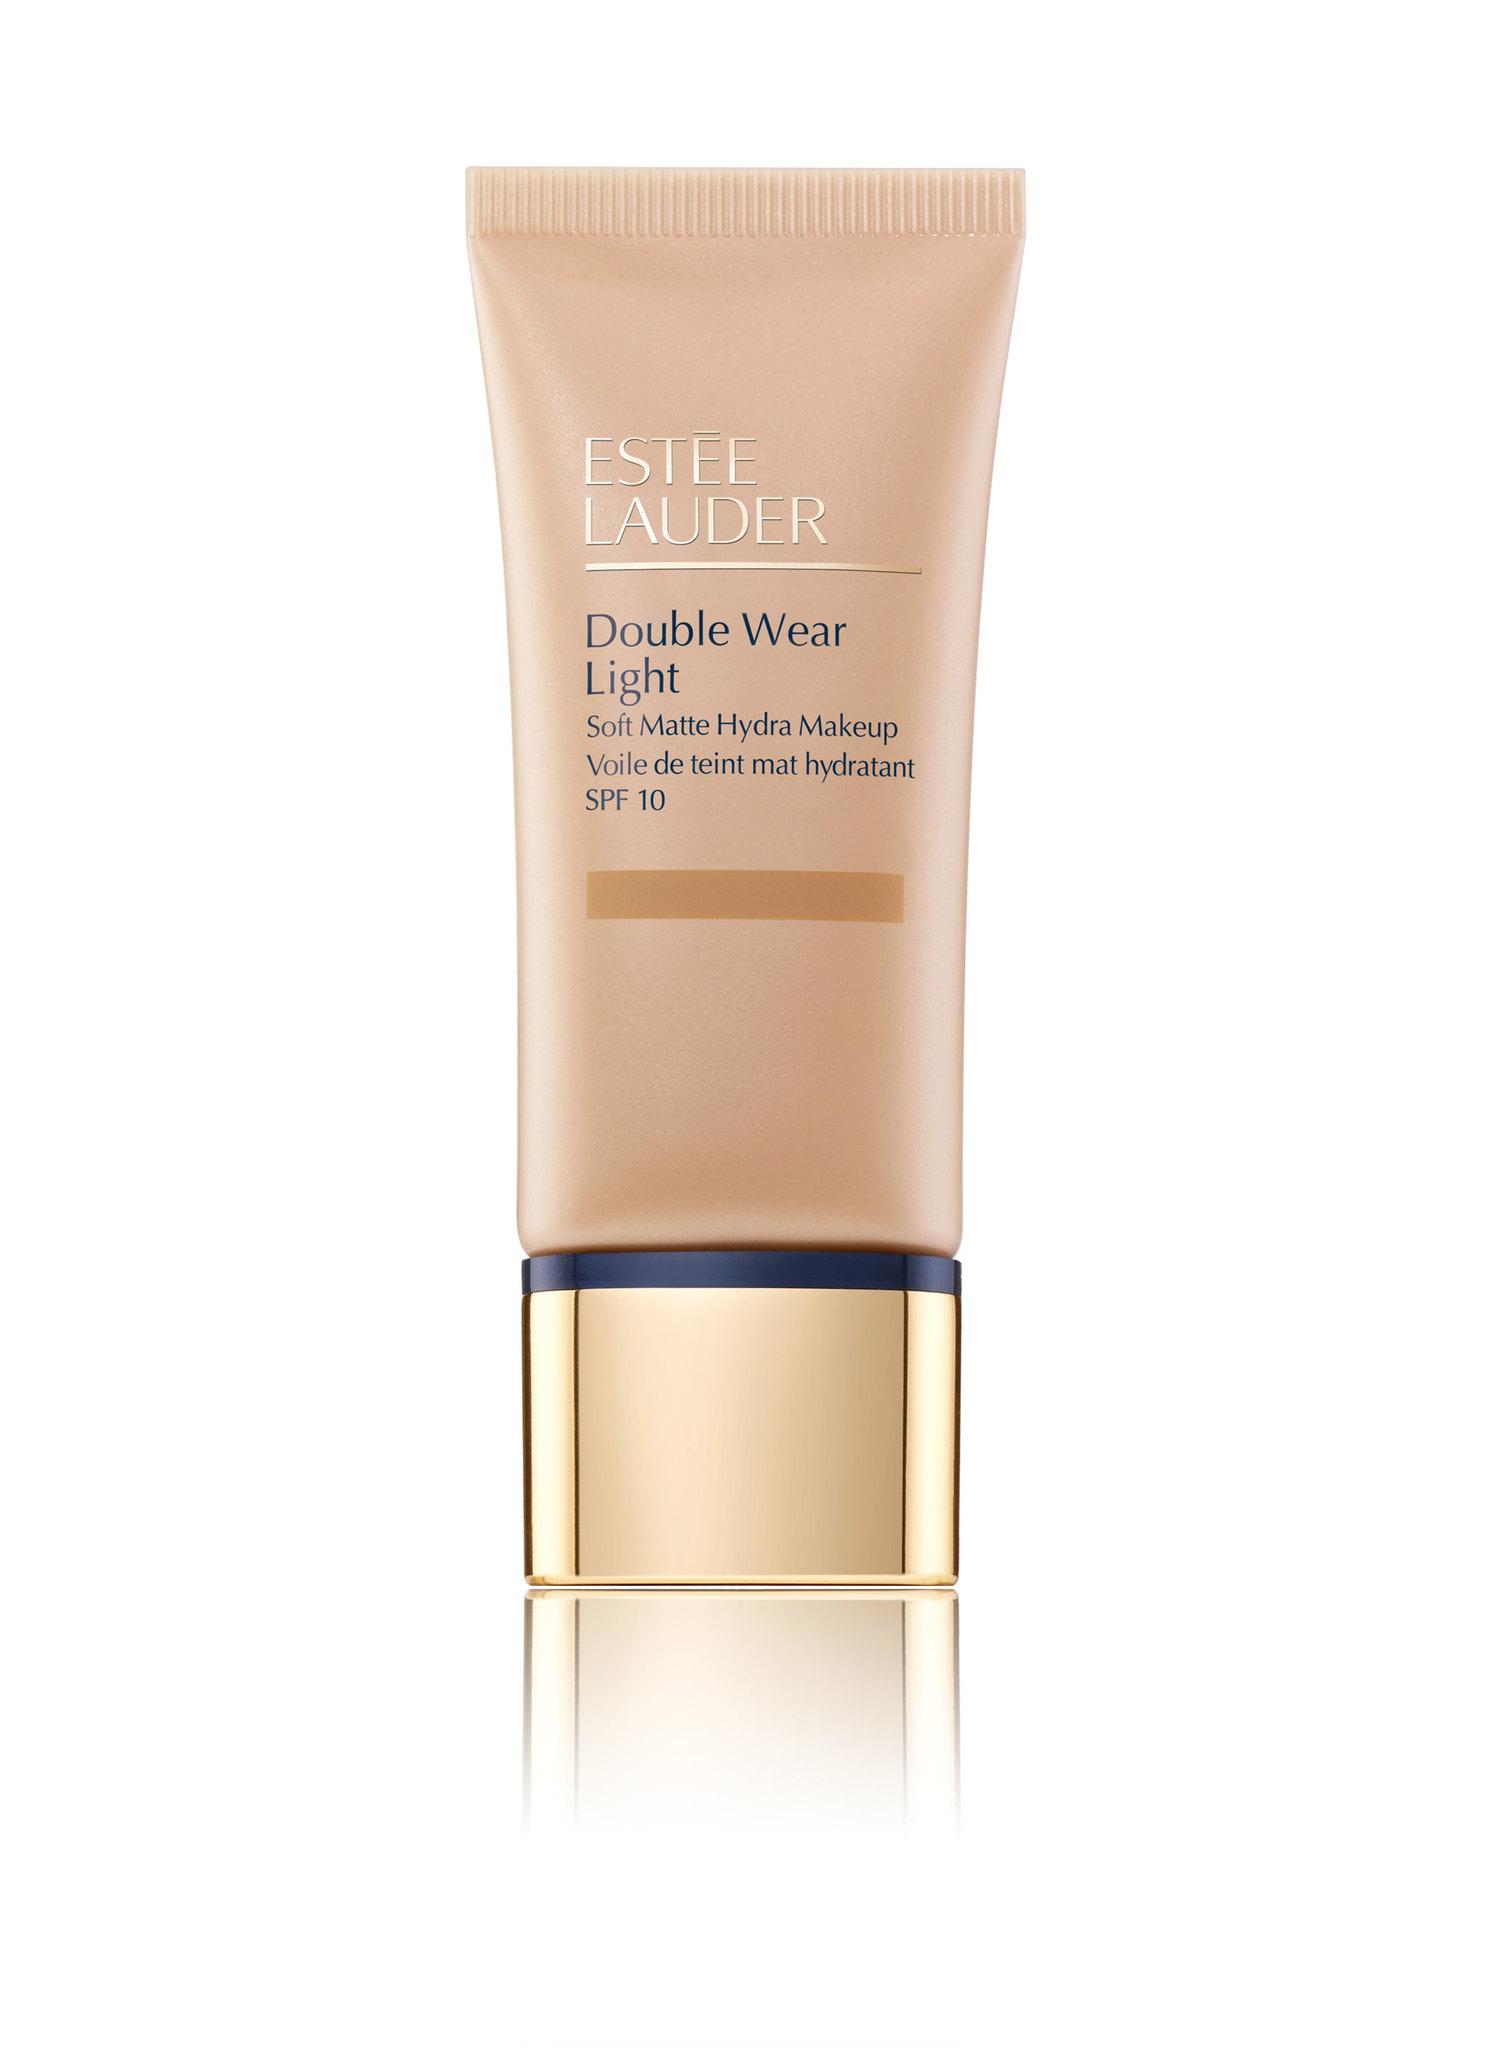 Estée Lauder Double Wear Light Soft Matte Hydra Makeup SPF10, 4n1 shell beige